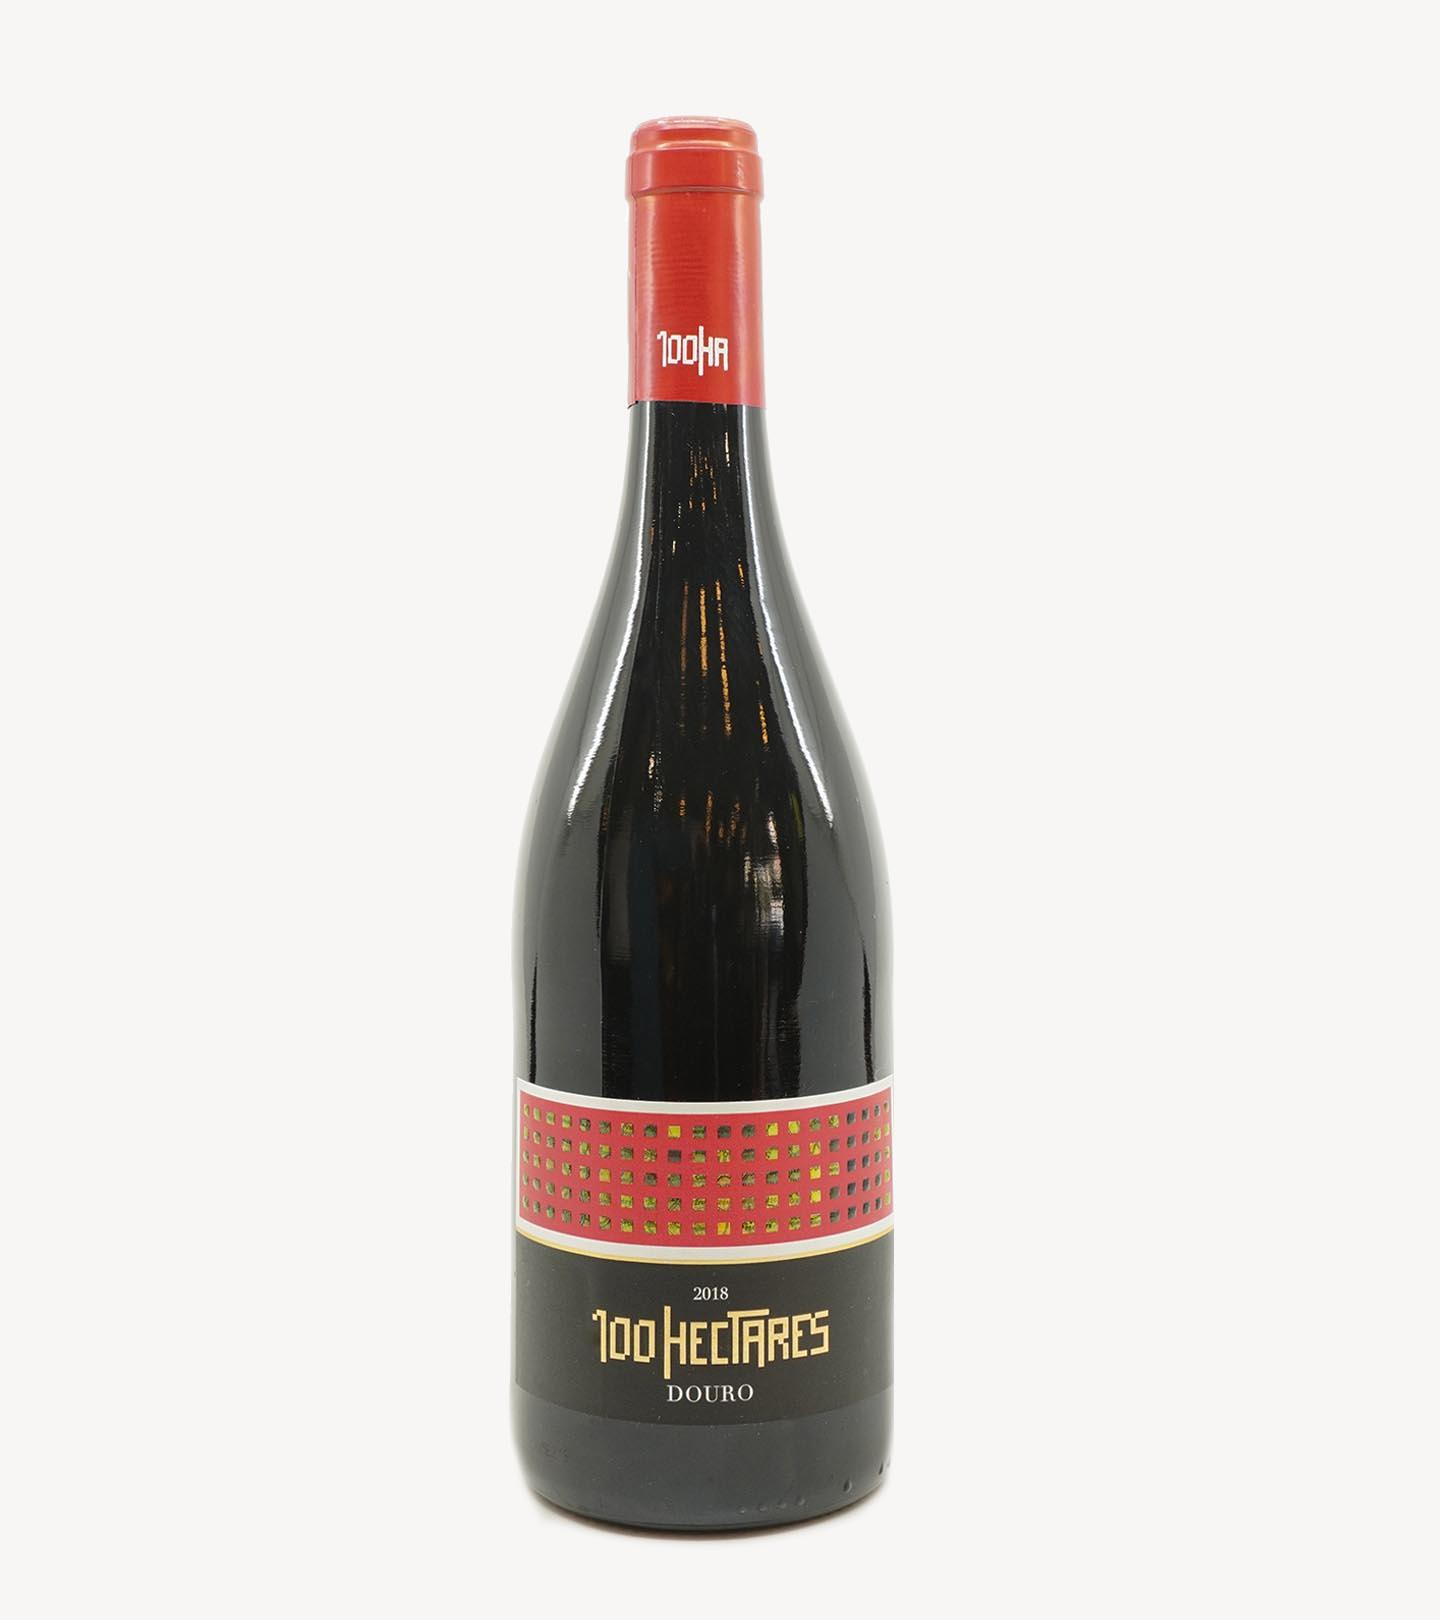 Vinho Tinto Douro 100 Hectares 75cl